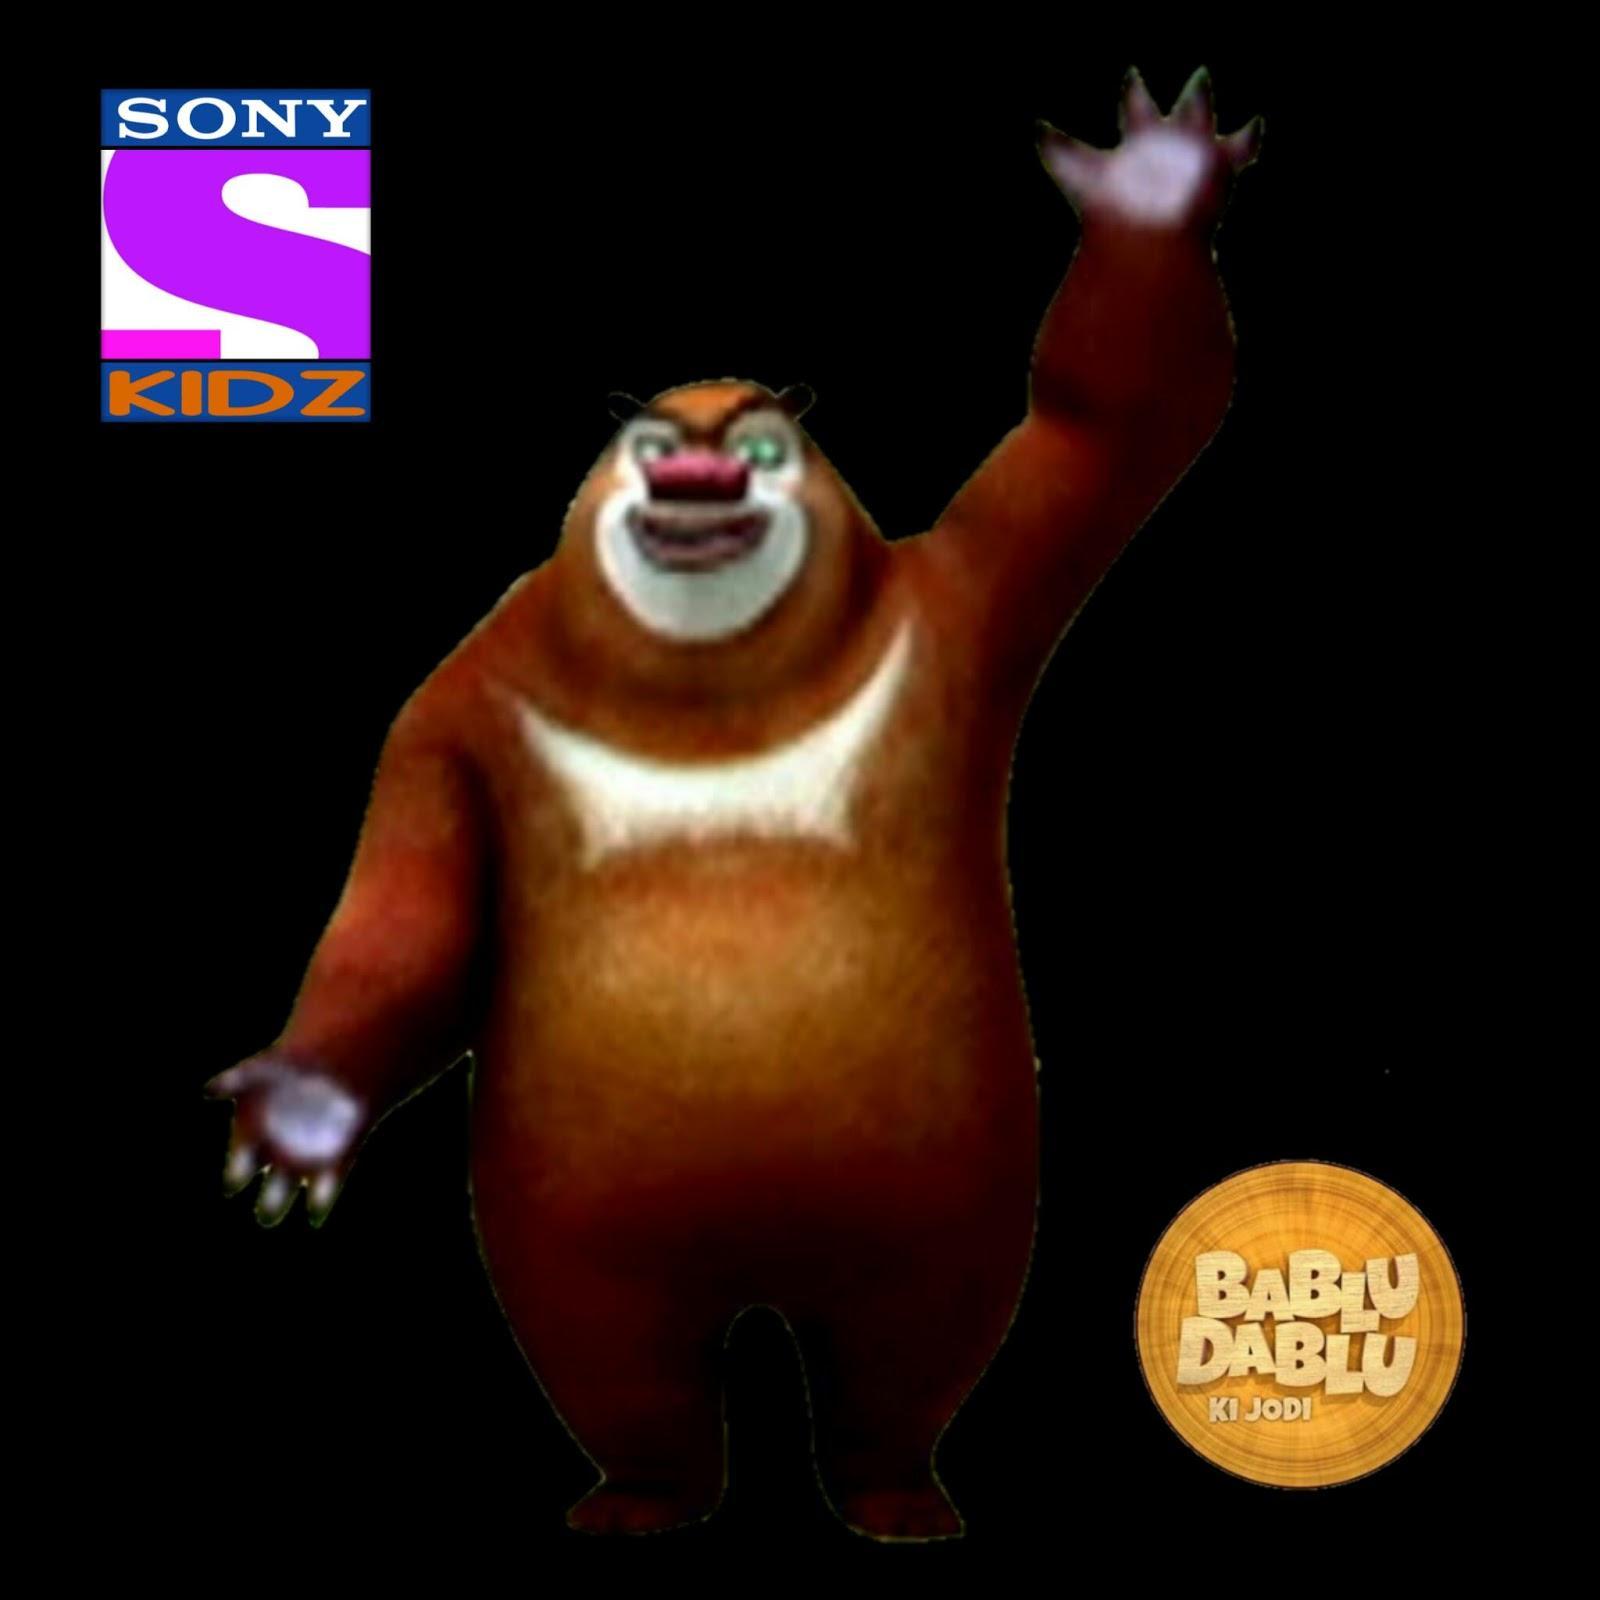 Bablu dablu wala cartoon